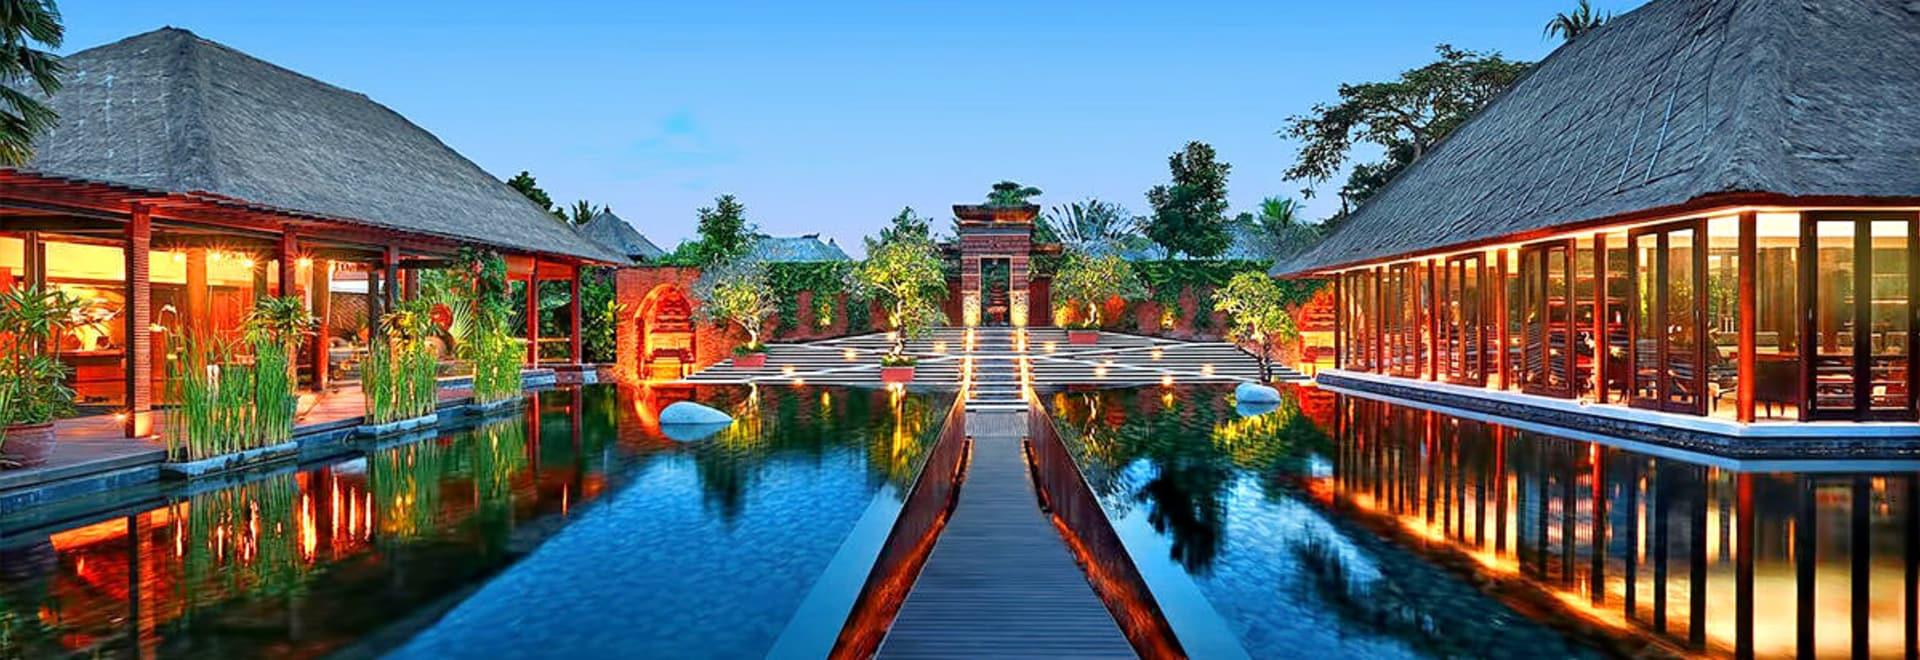 1499761285_top10-voted-hotels-nusa-dua.jpg